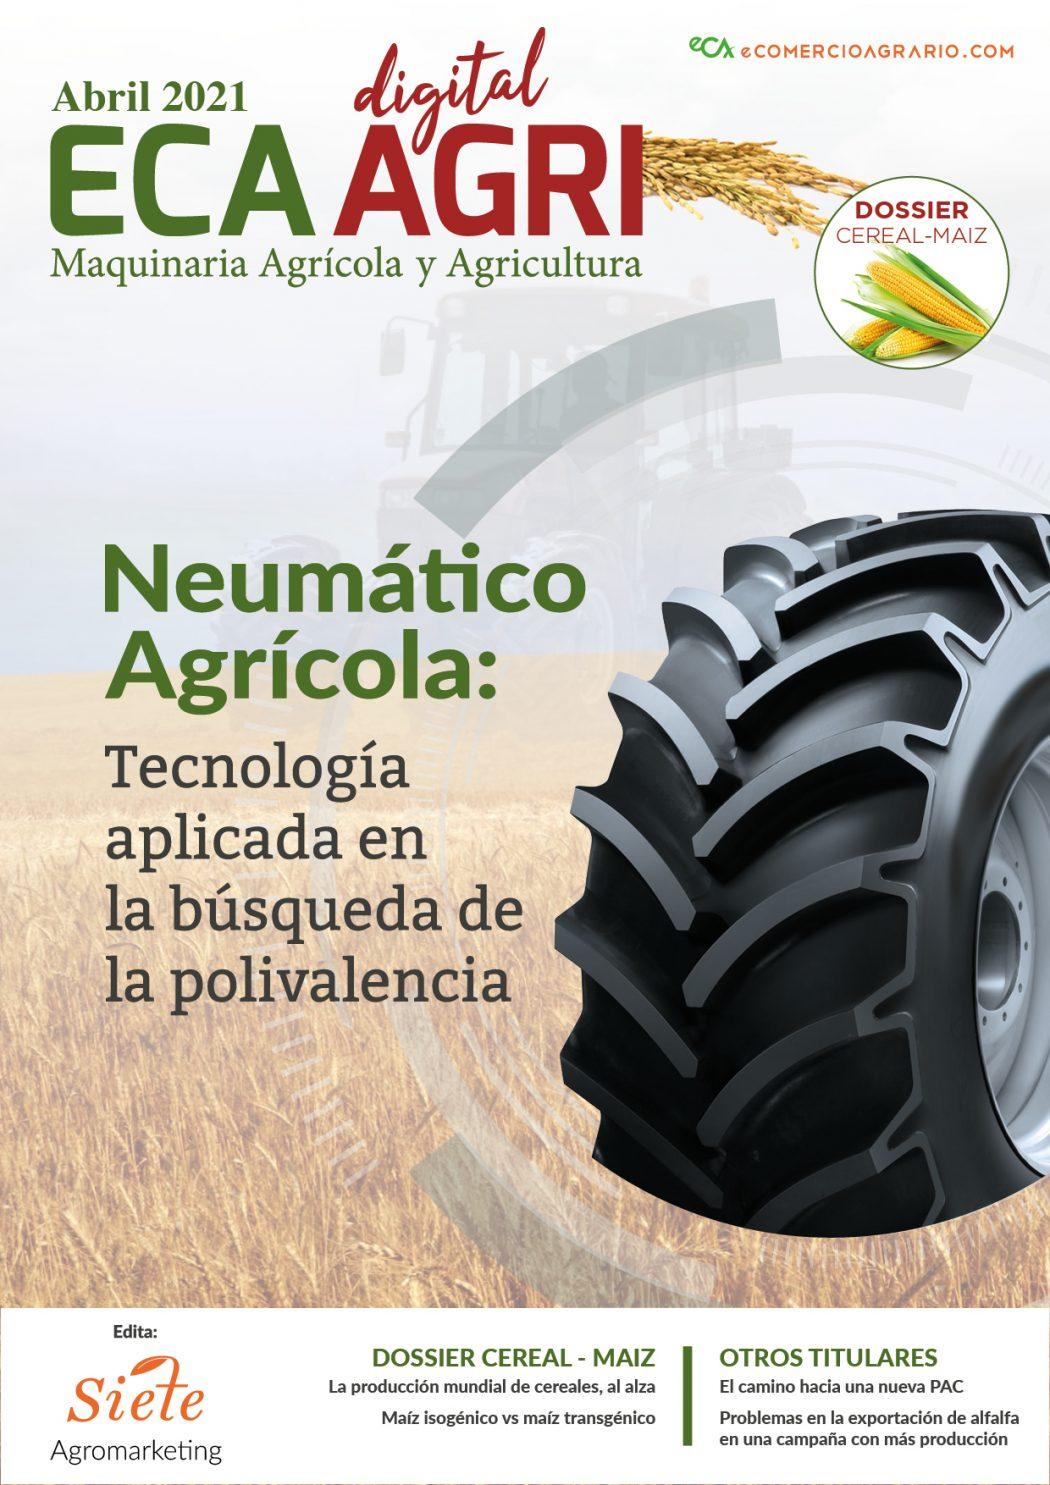 eCA AGRI